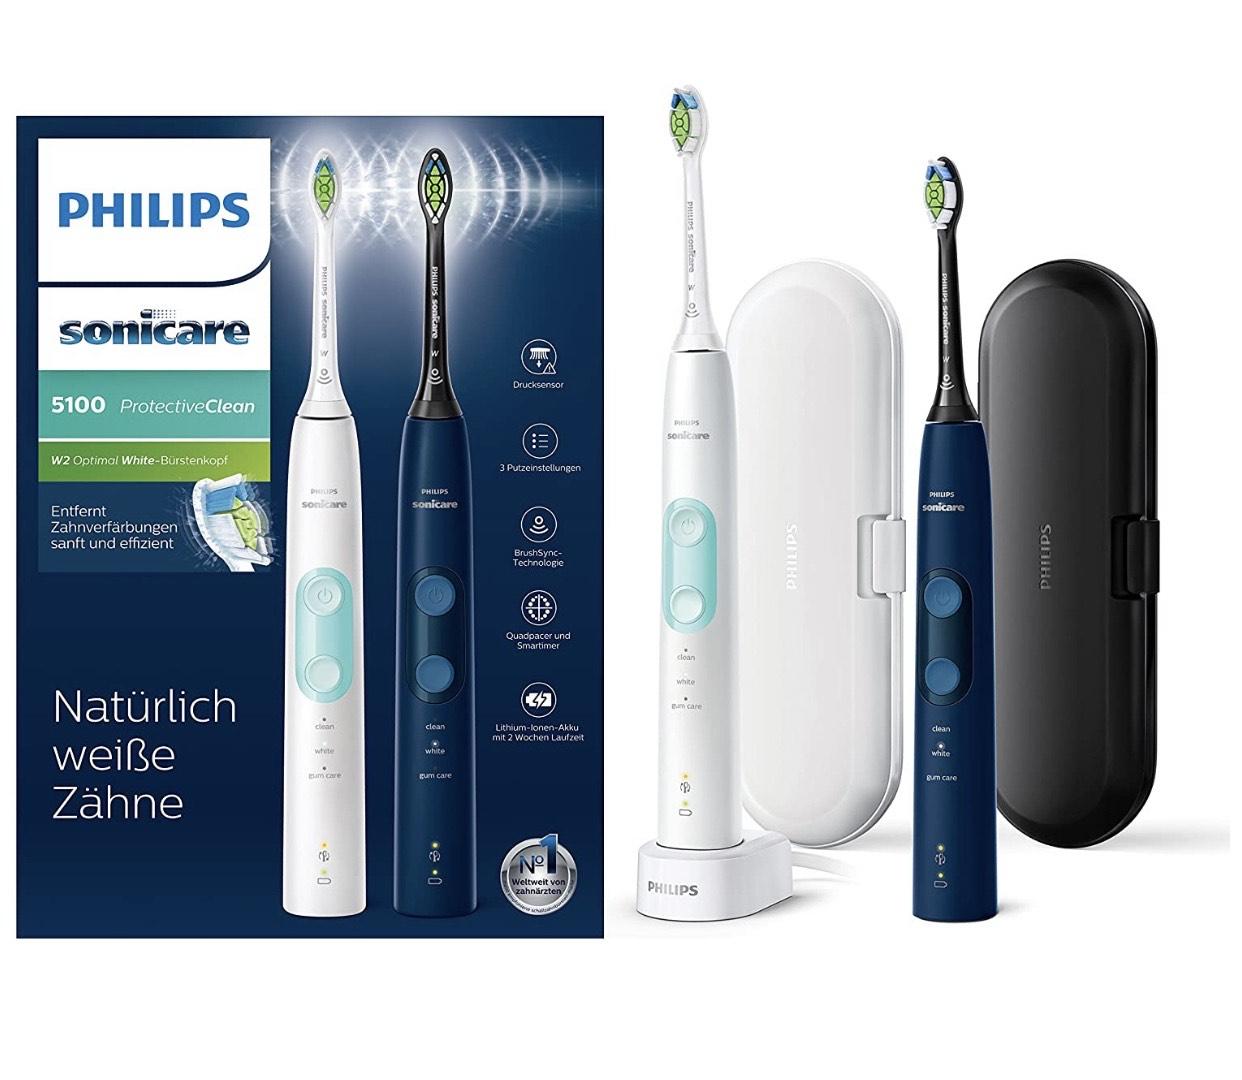 Philips Sonicare Angebote ⇒ Jetzt günstig kaufen